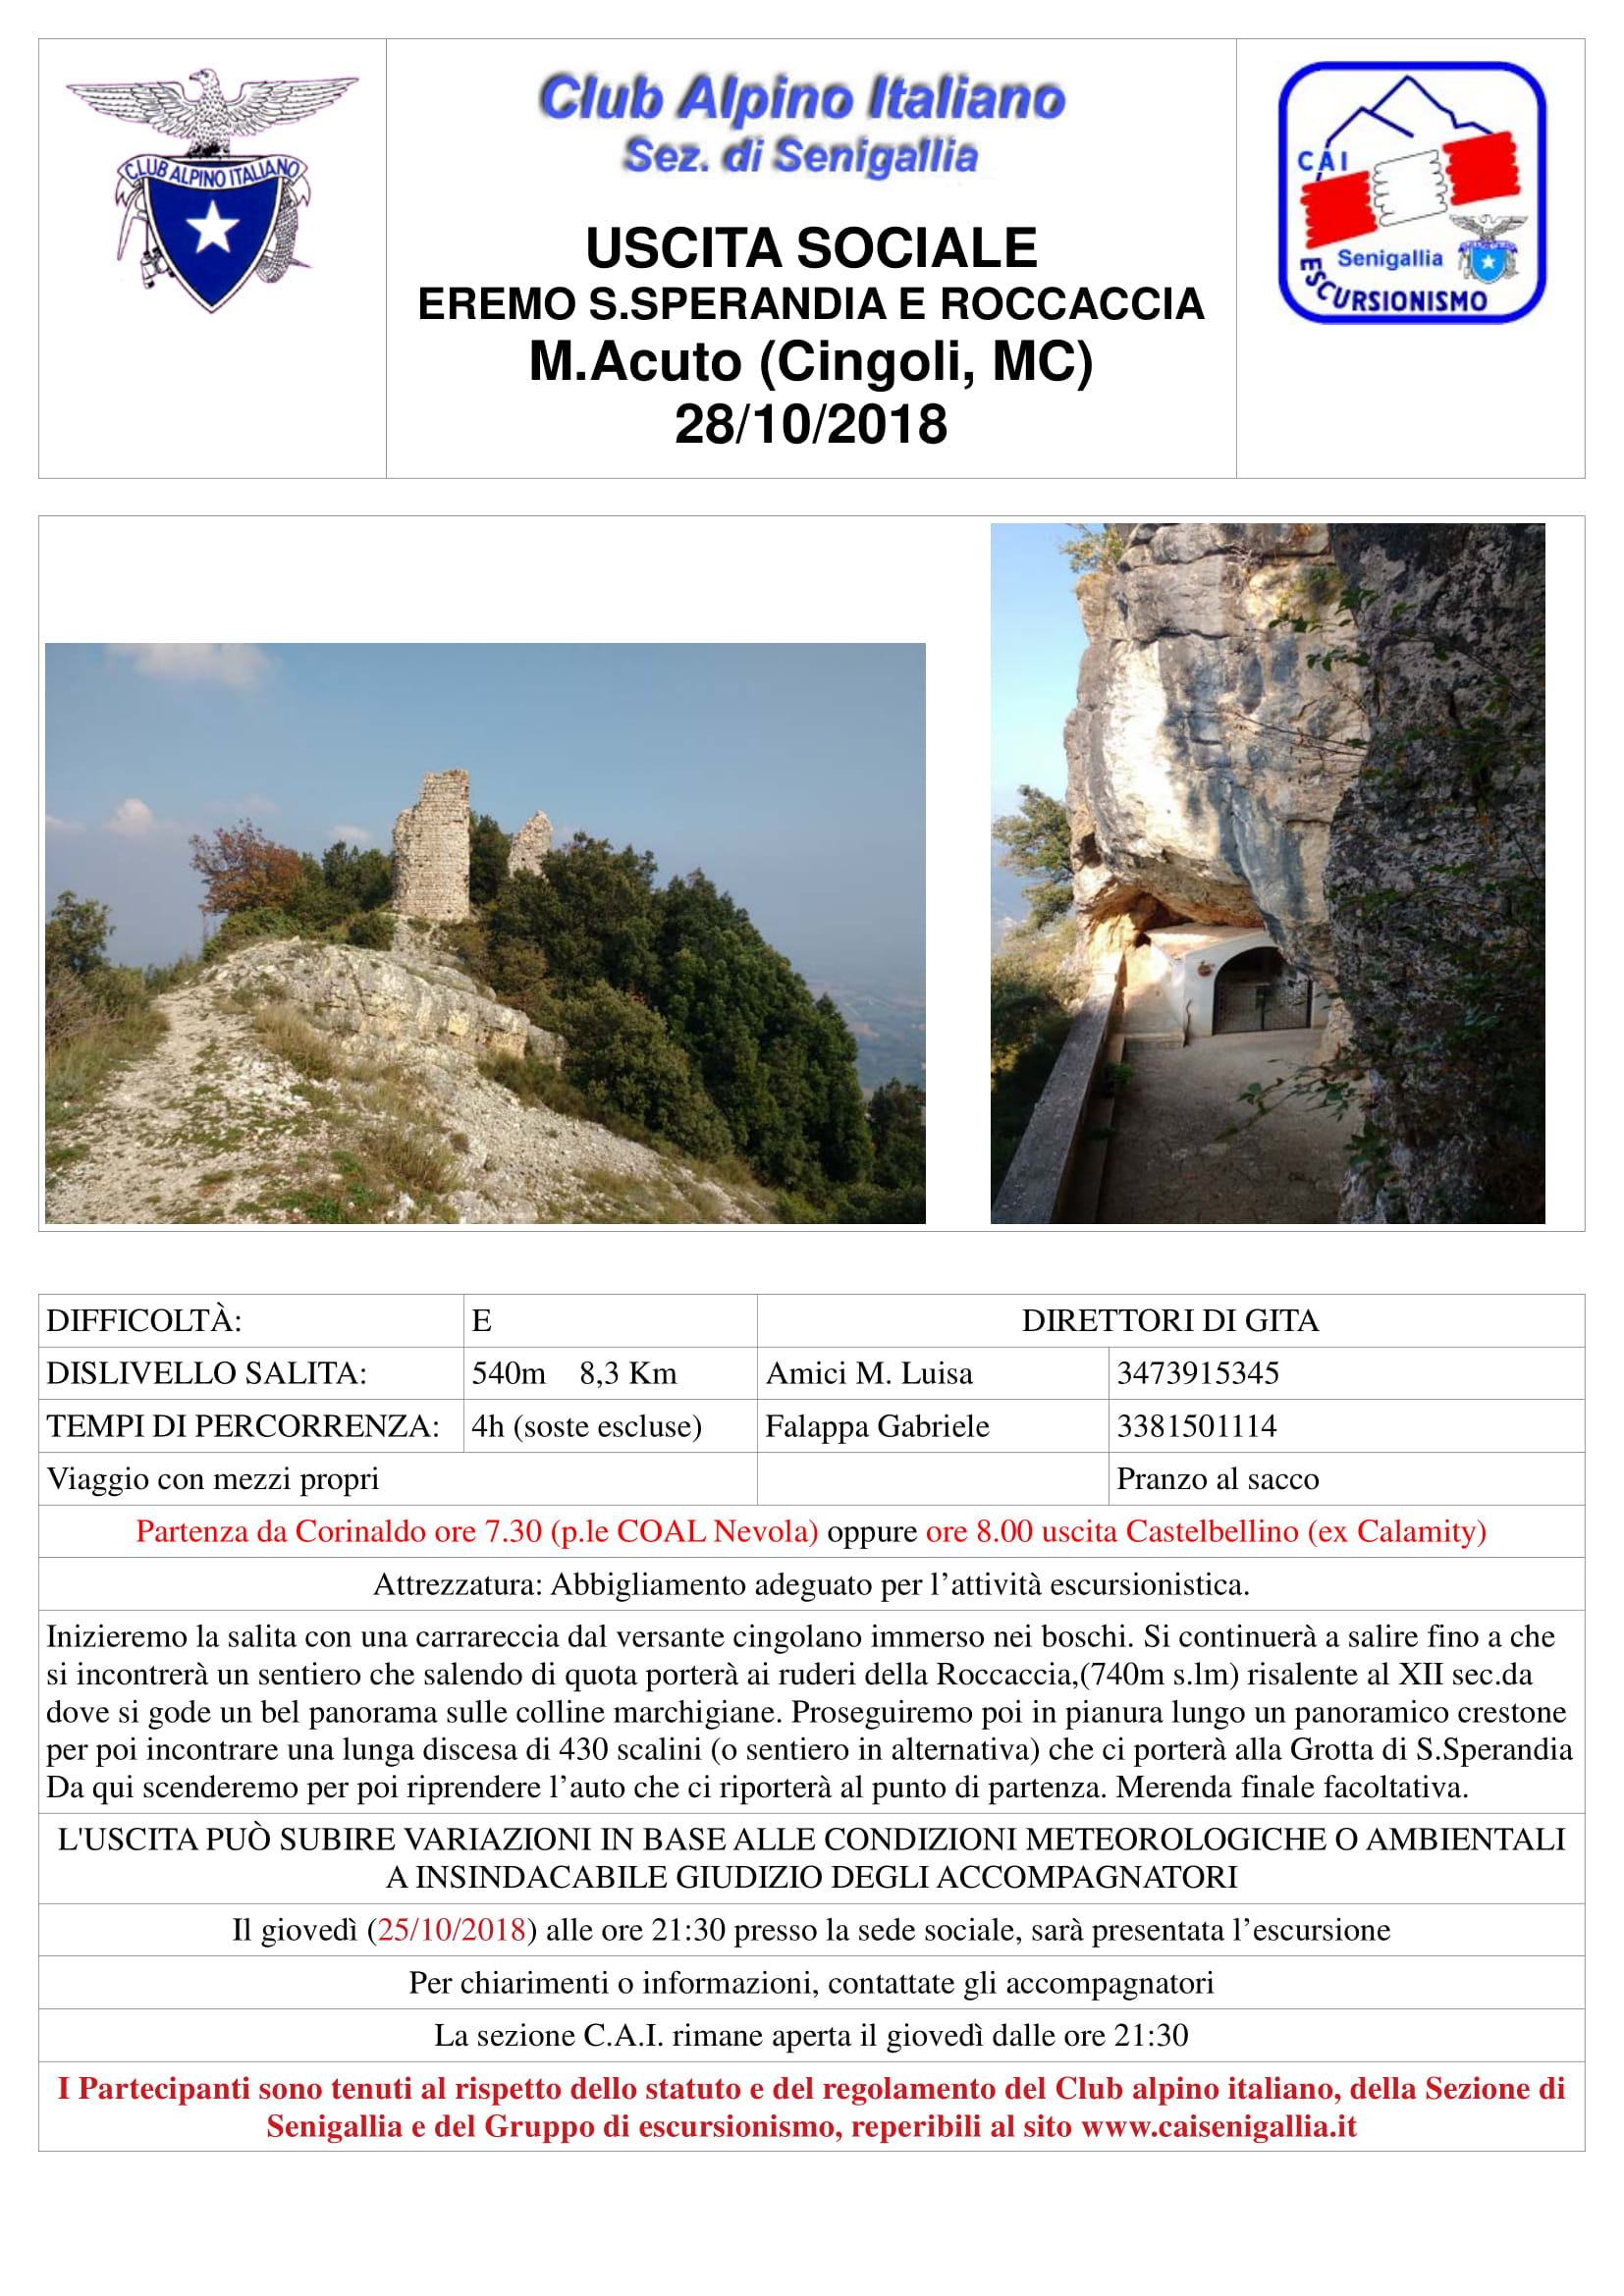 La Roccaccia - Grotte di Santa Sperandia